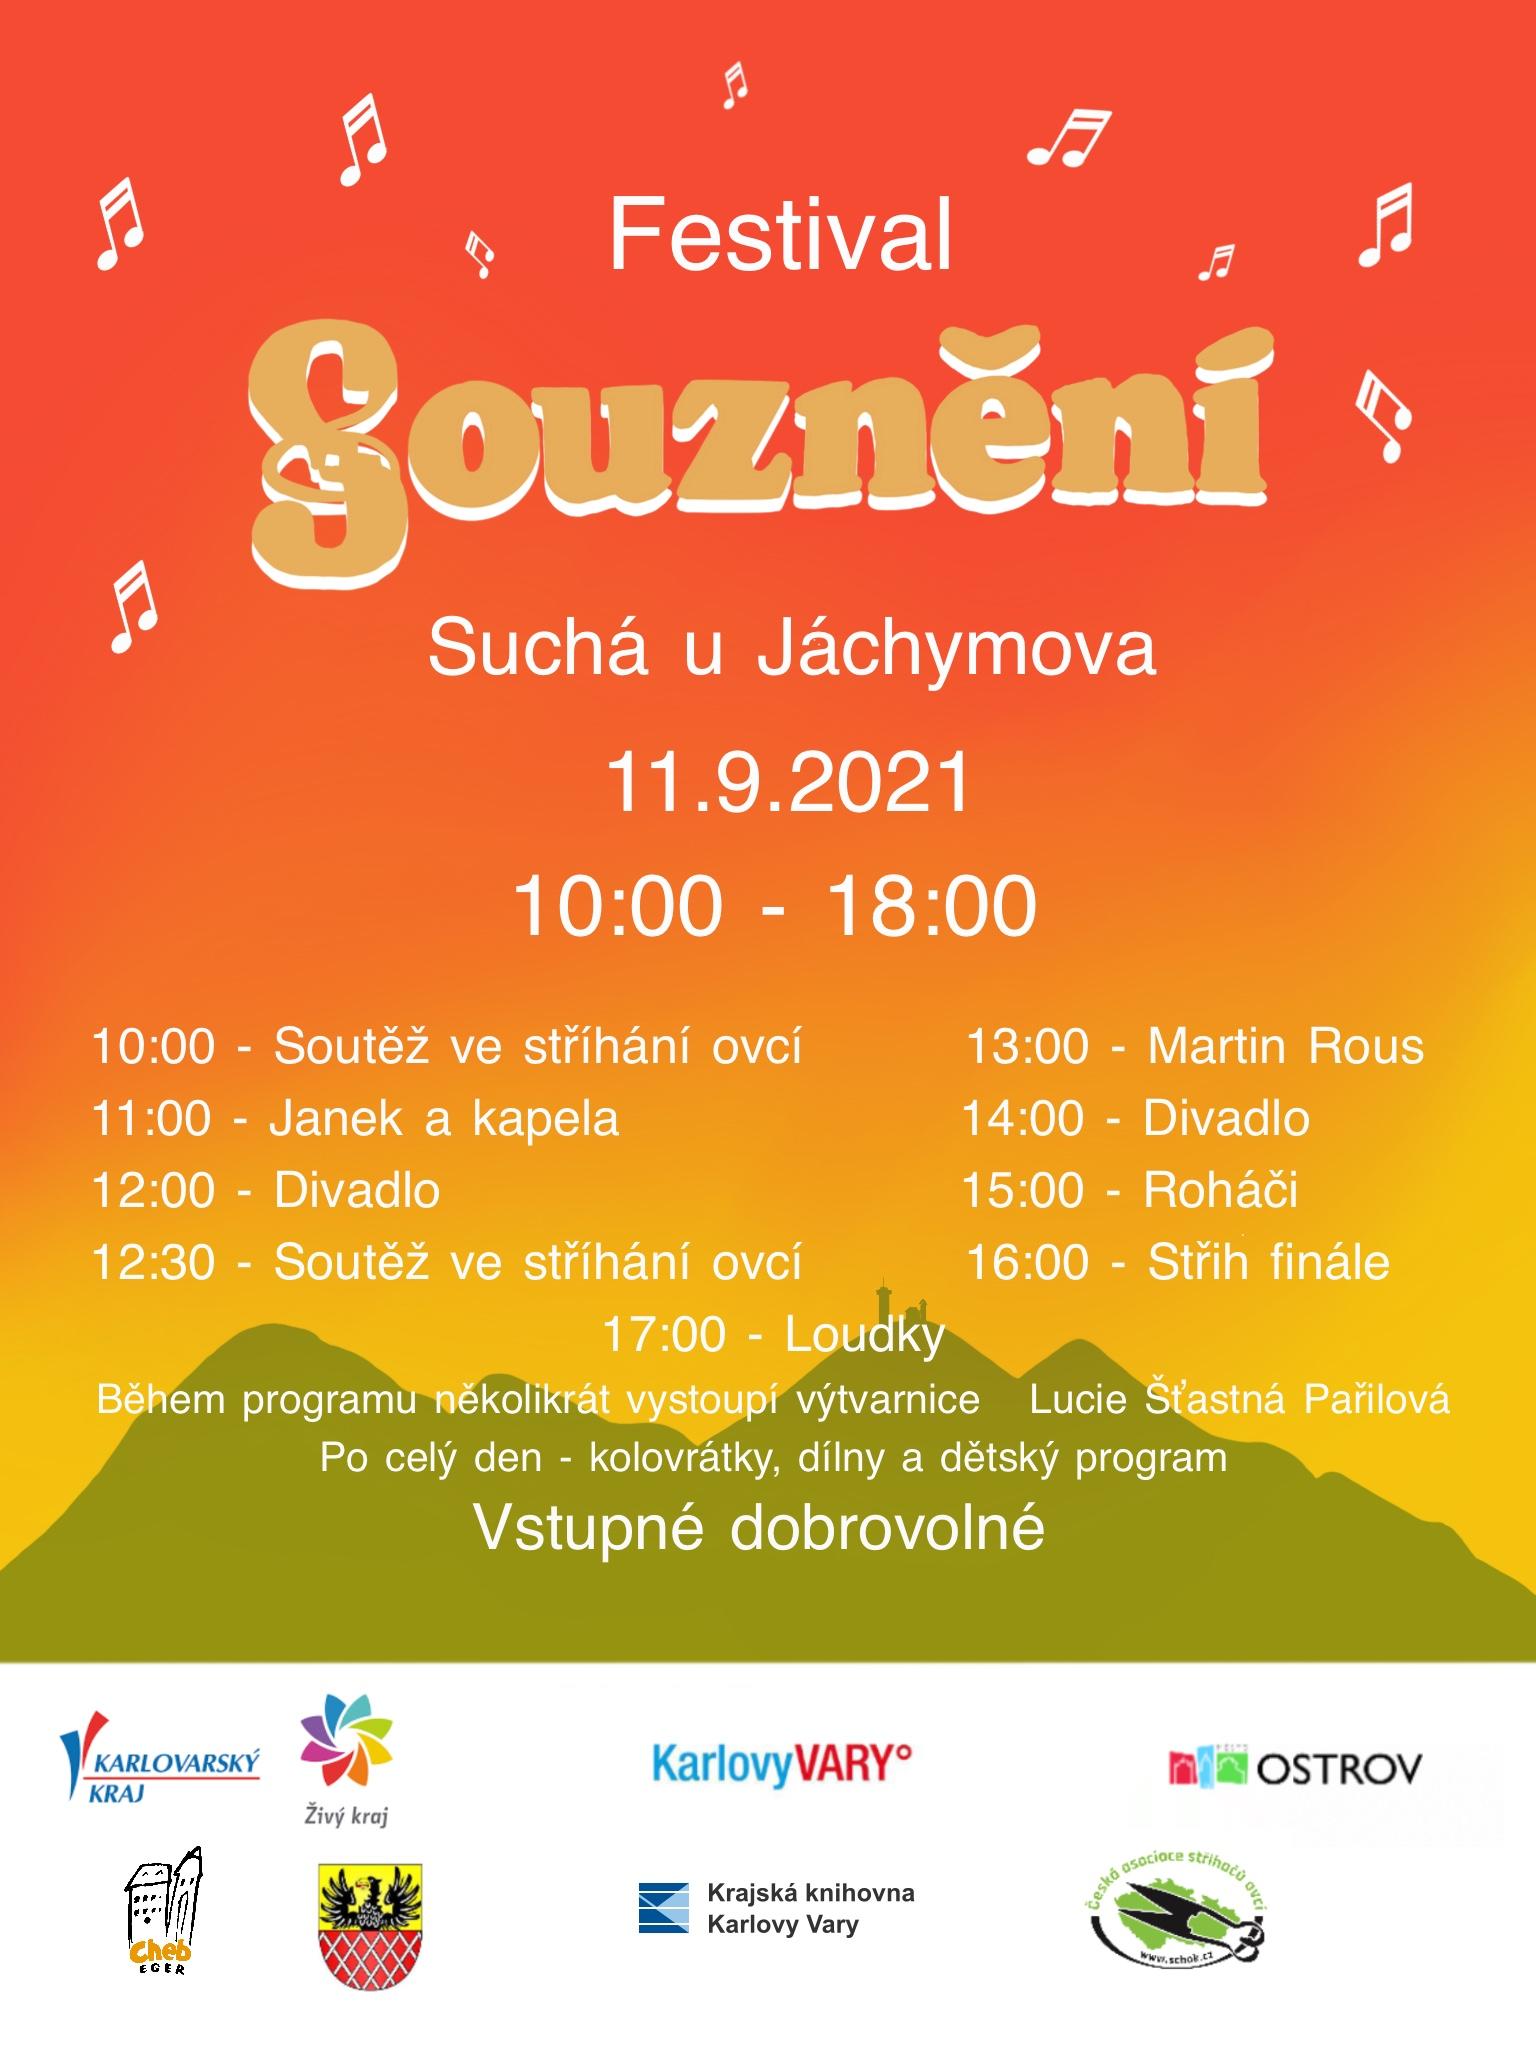 sucha-jachymov-festival-2021